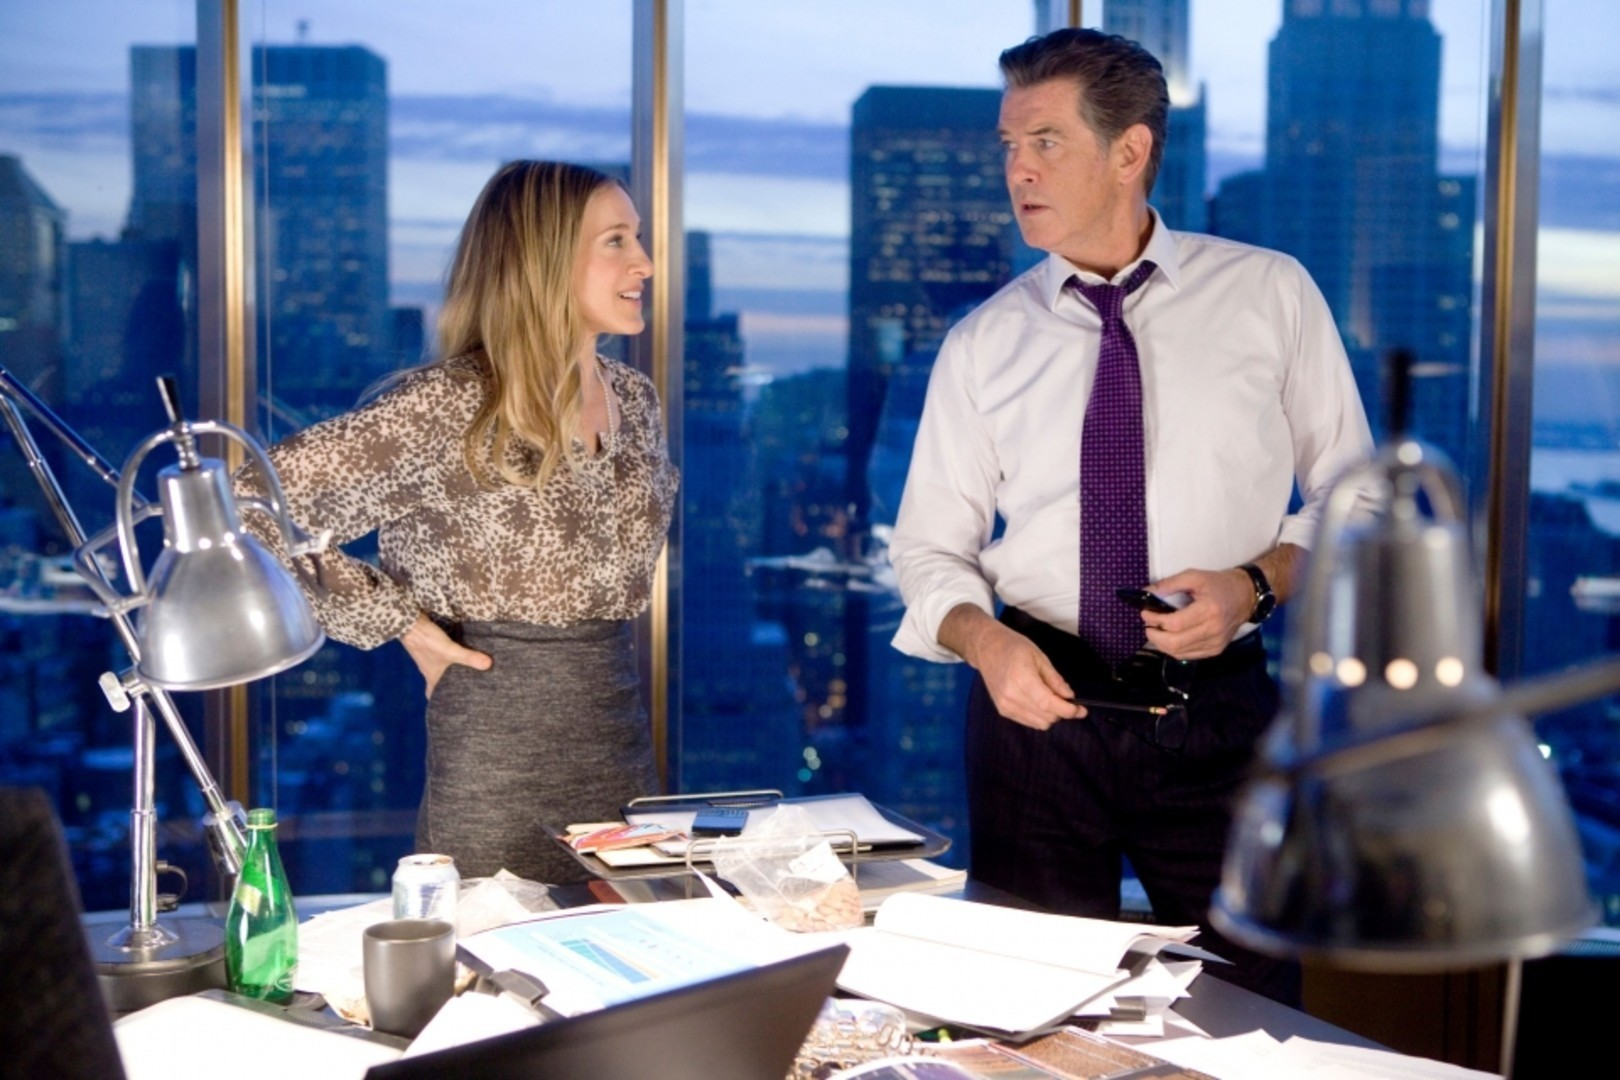 5 шагов, как завоевать авторитет на новой работе за одну неделю